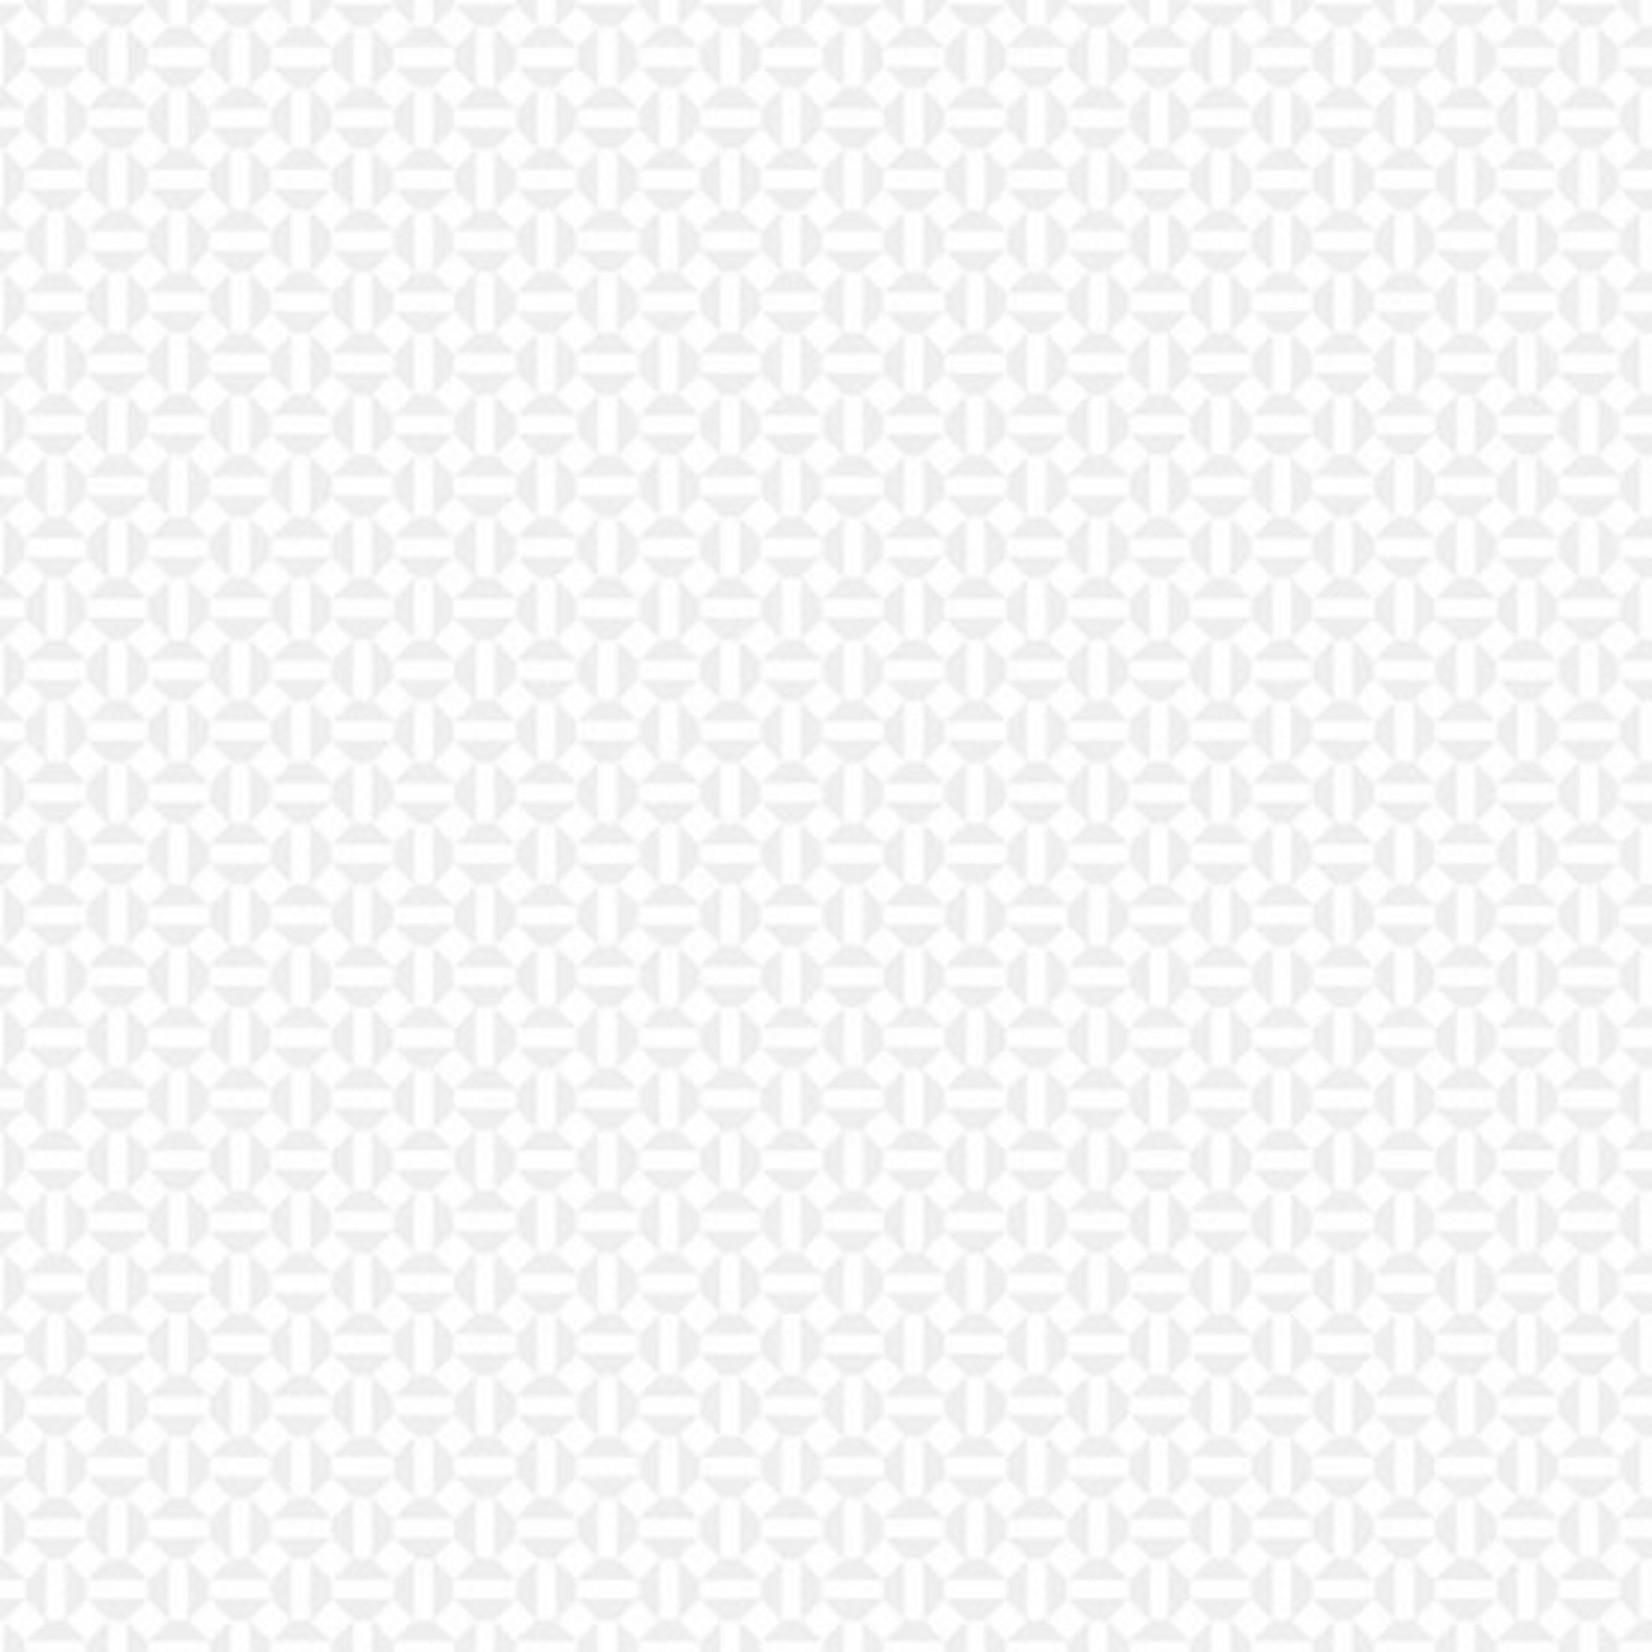 ANDOVER Century Whites, Geomatric Grid CS-9693-WW $0.18 per cm or $18/m